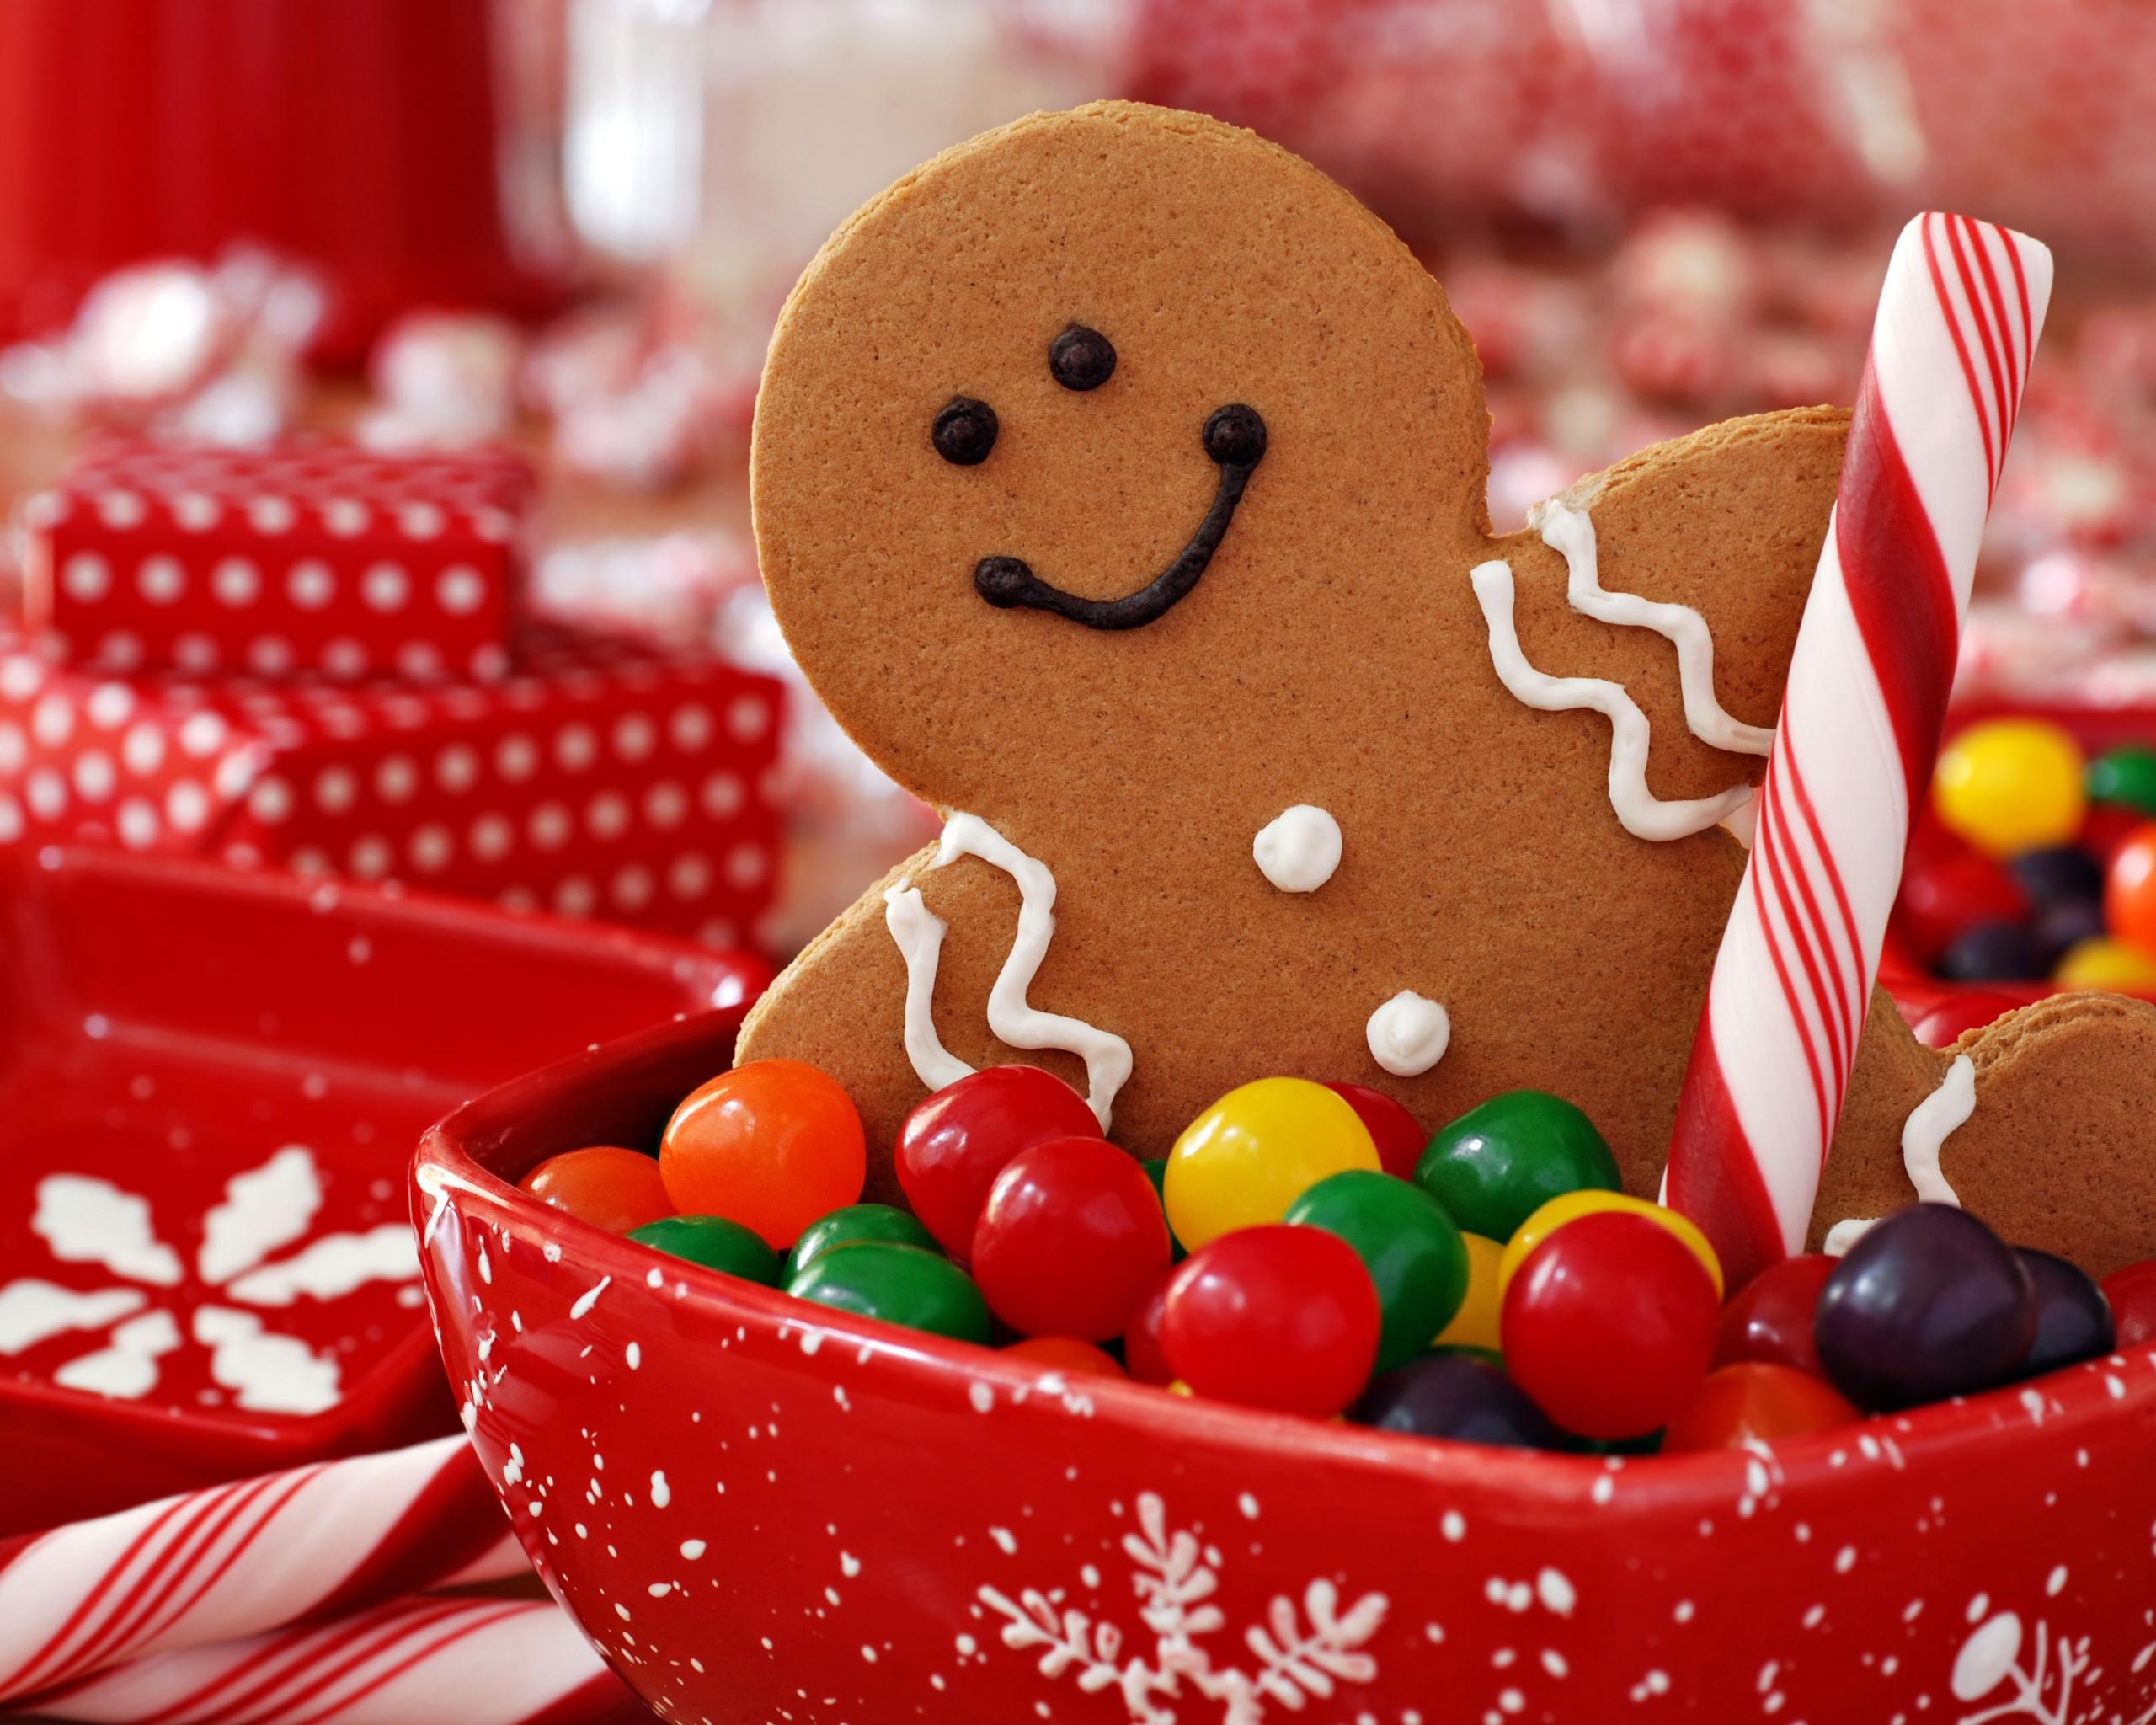 Сбор заказов. Вкусняшки к Новому году - подарки для детей и взрослых